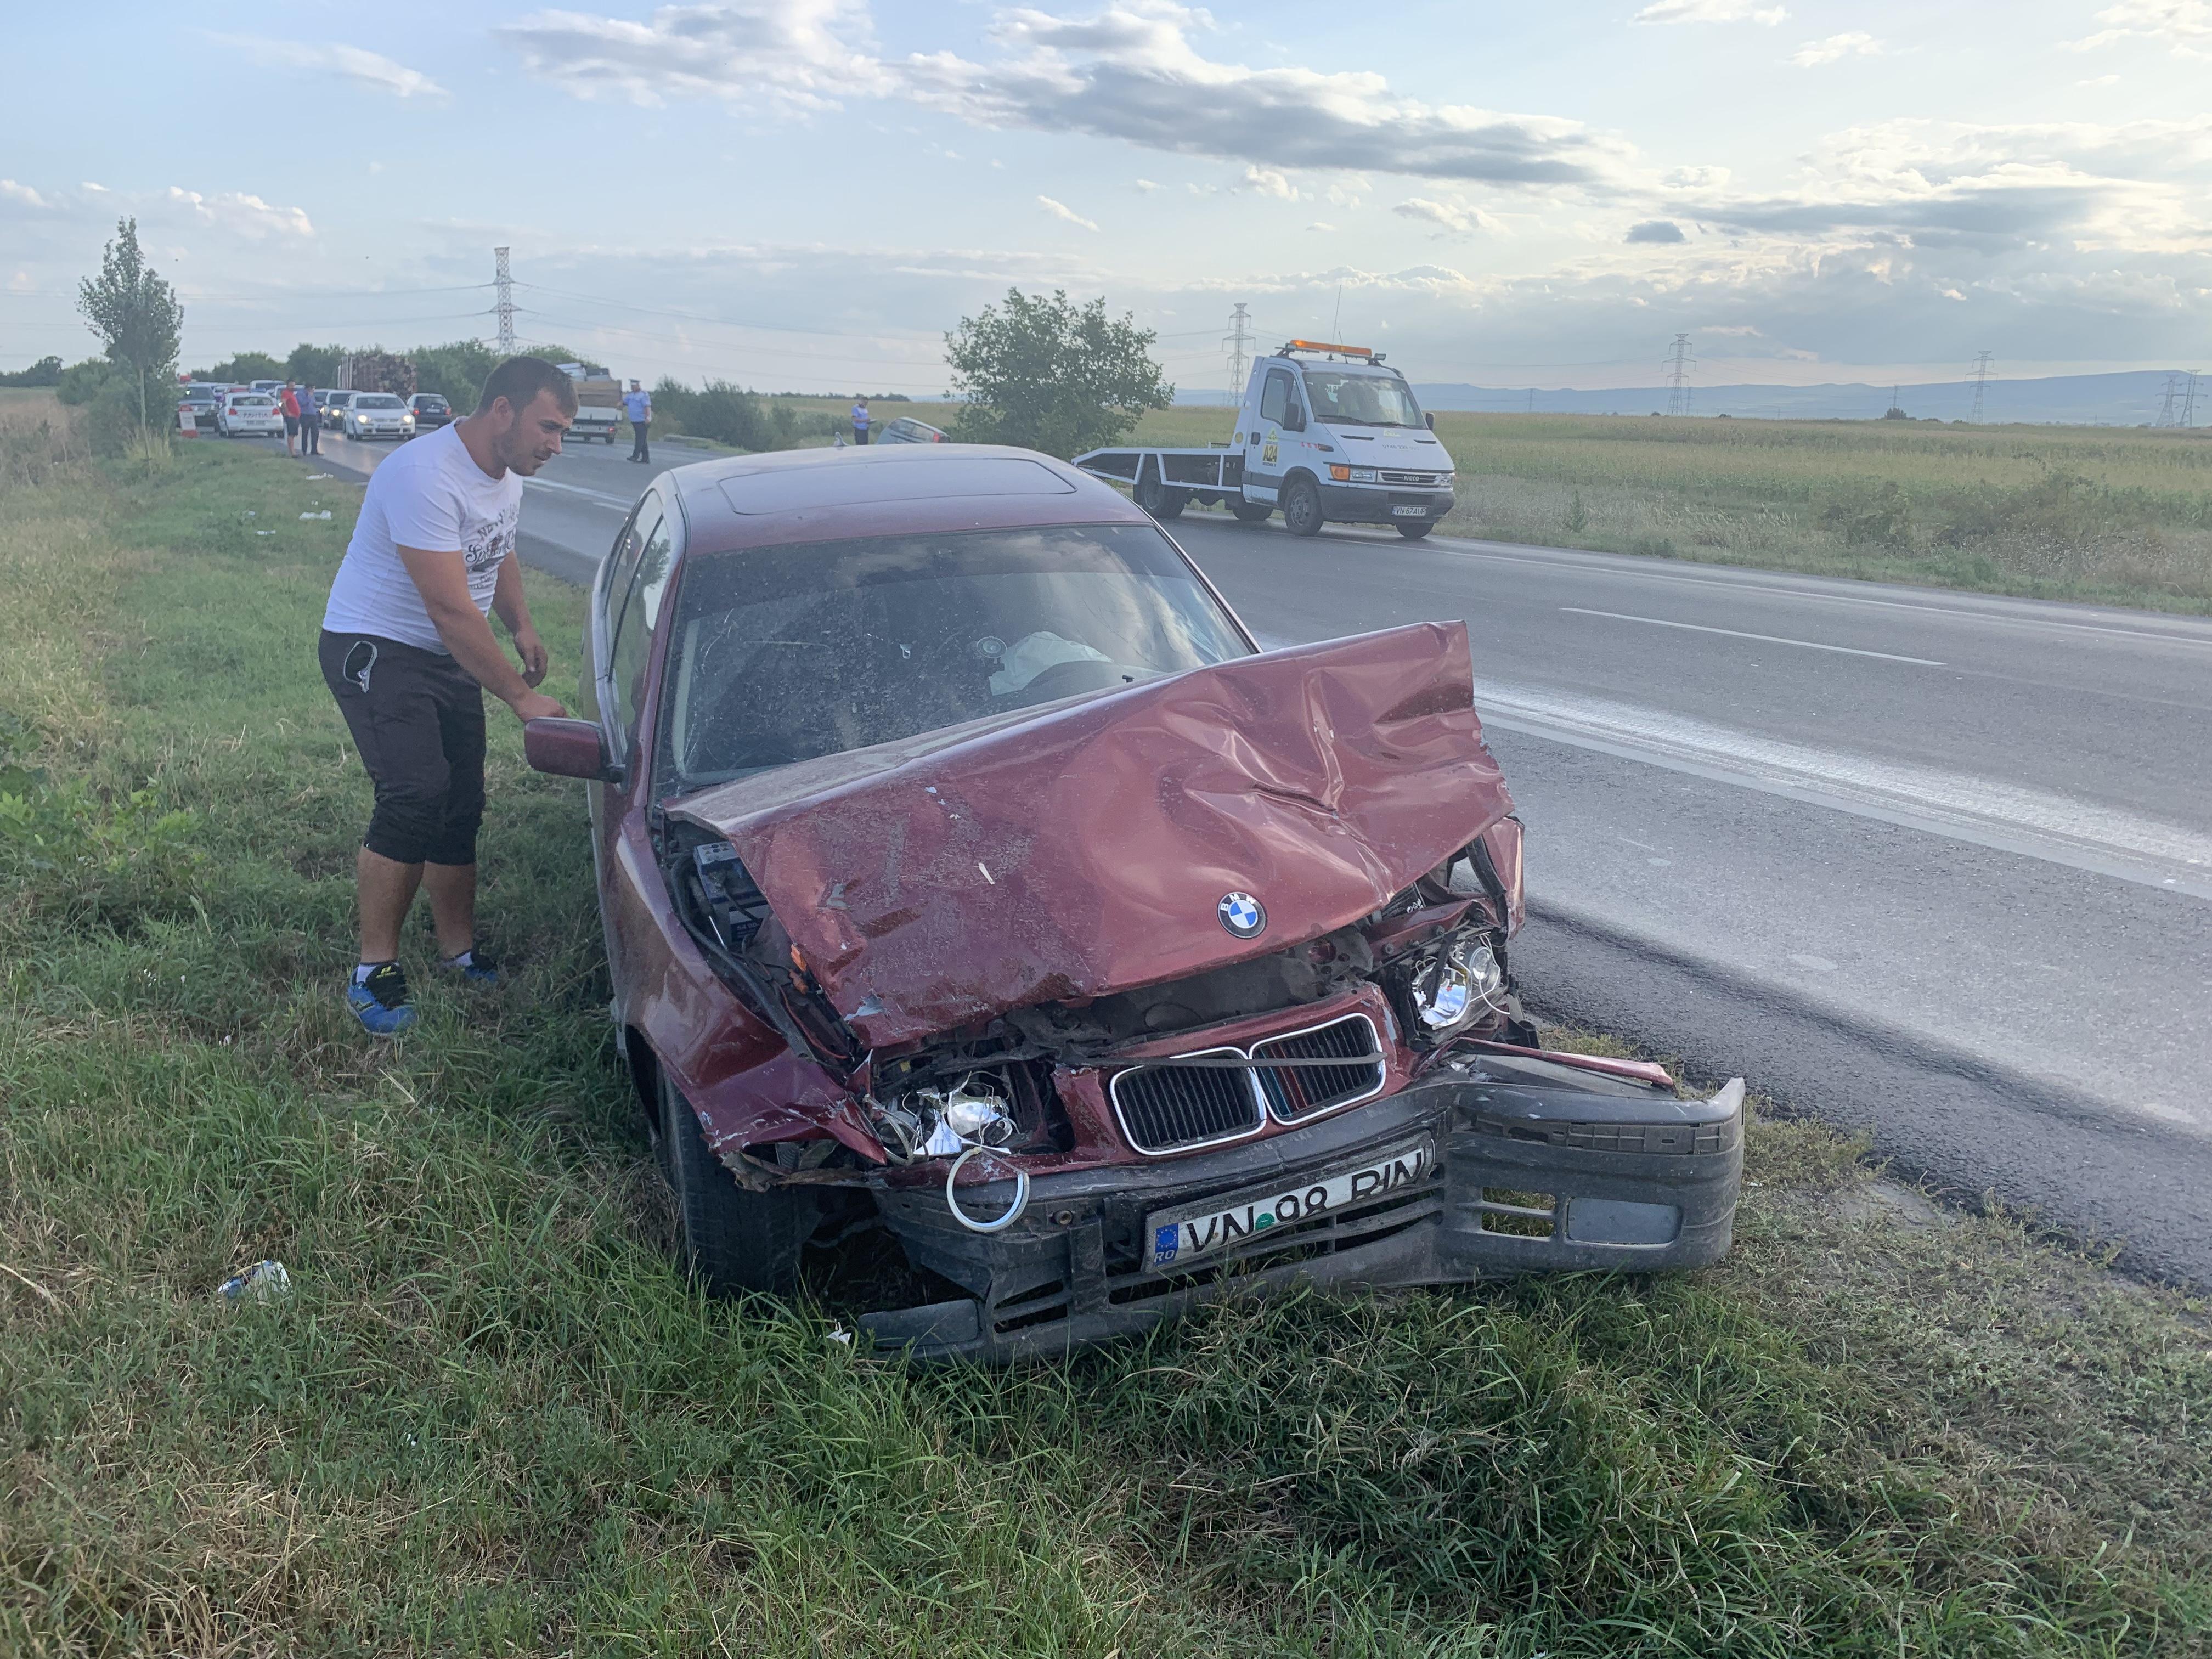 94F0196E 8D97 4BB9 9275 6FE341E8C288 - UPDATE- ULTIMĂ ORĂ: FOTO-Două victime în urma unui accident la ieșirea din Focșani